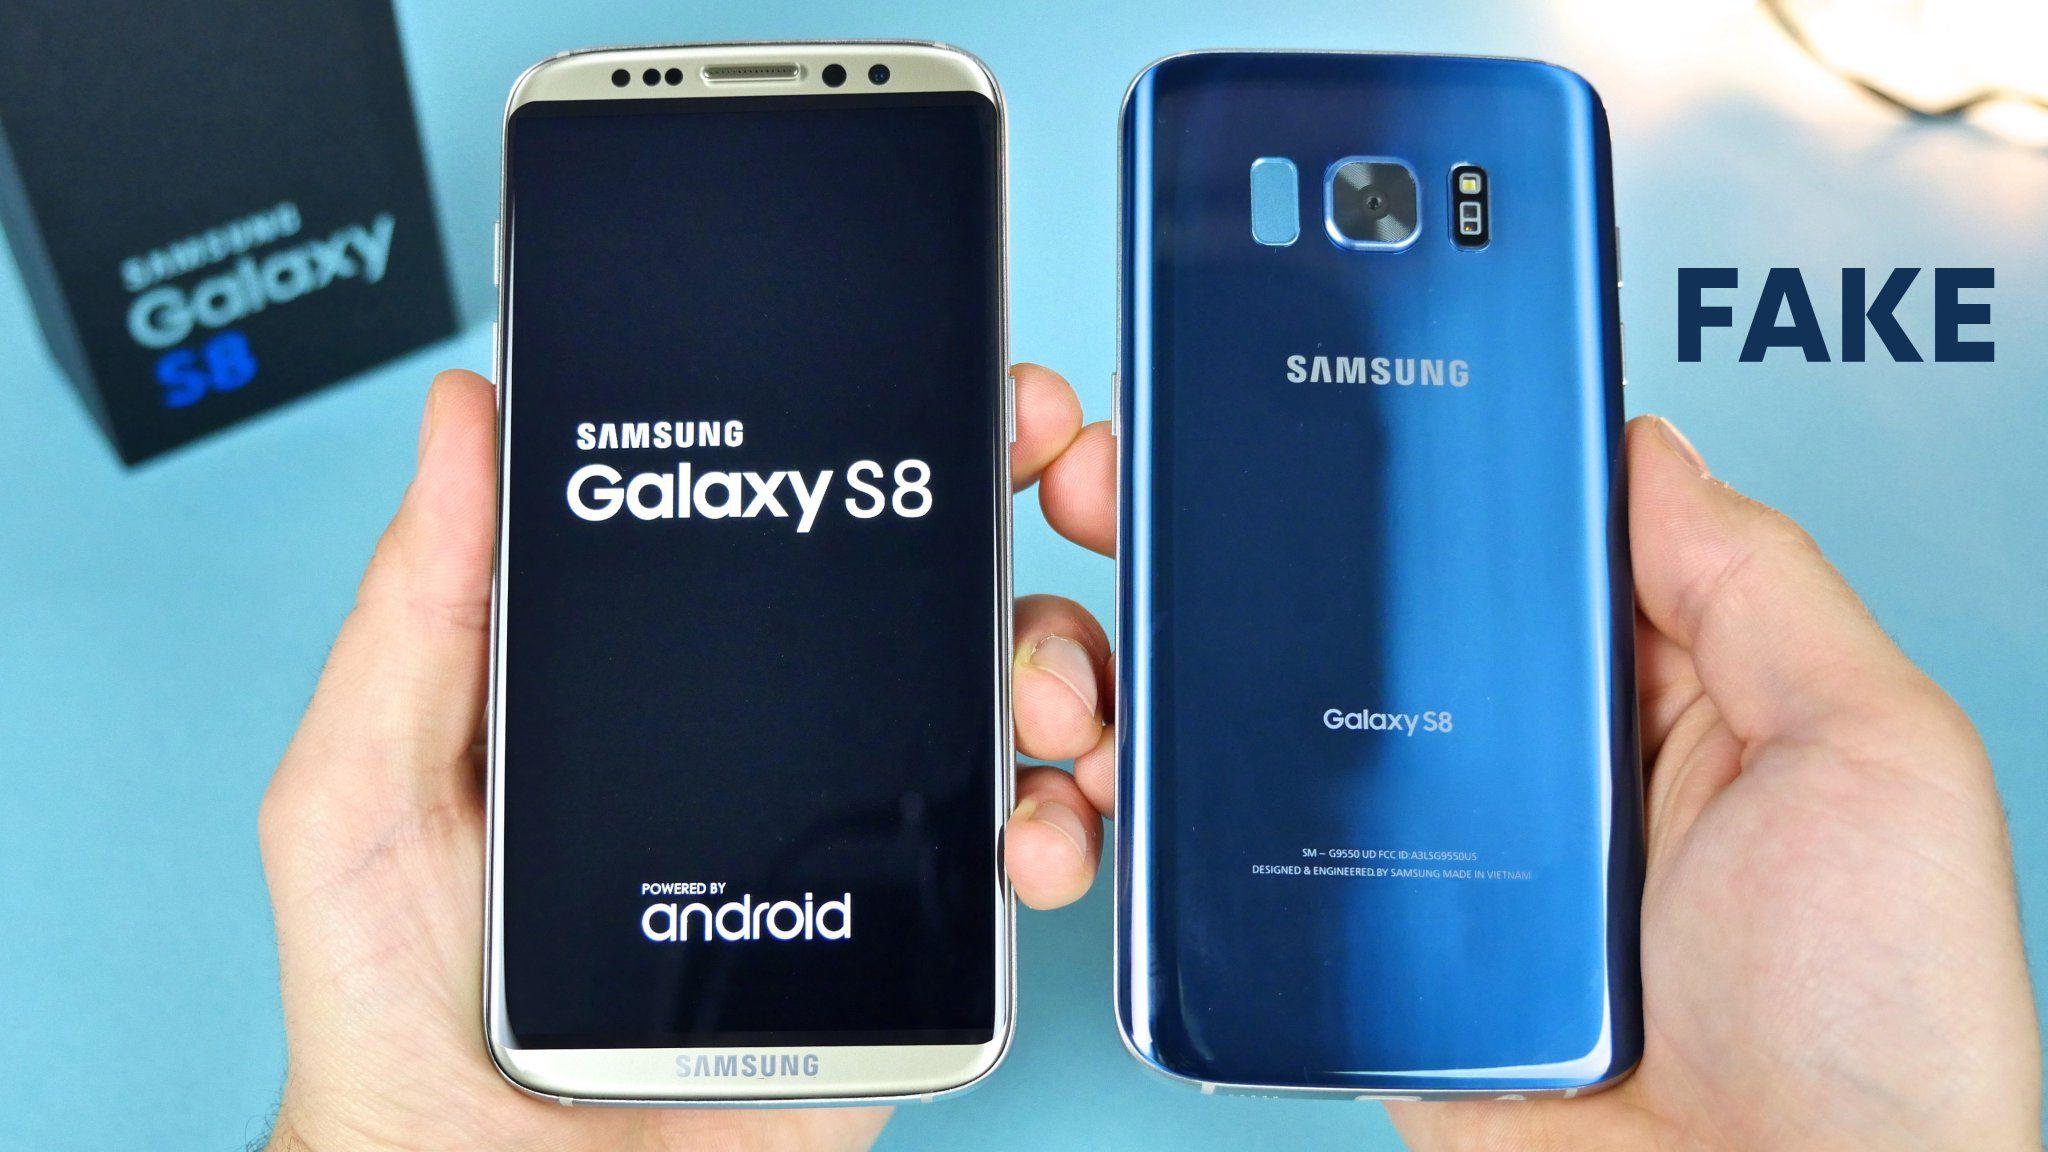 Apple Products Fan On Samsung Galaxy Samsung Galaxy